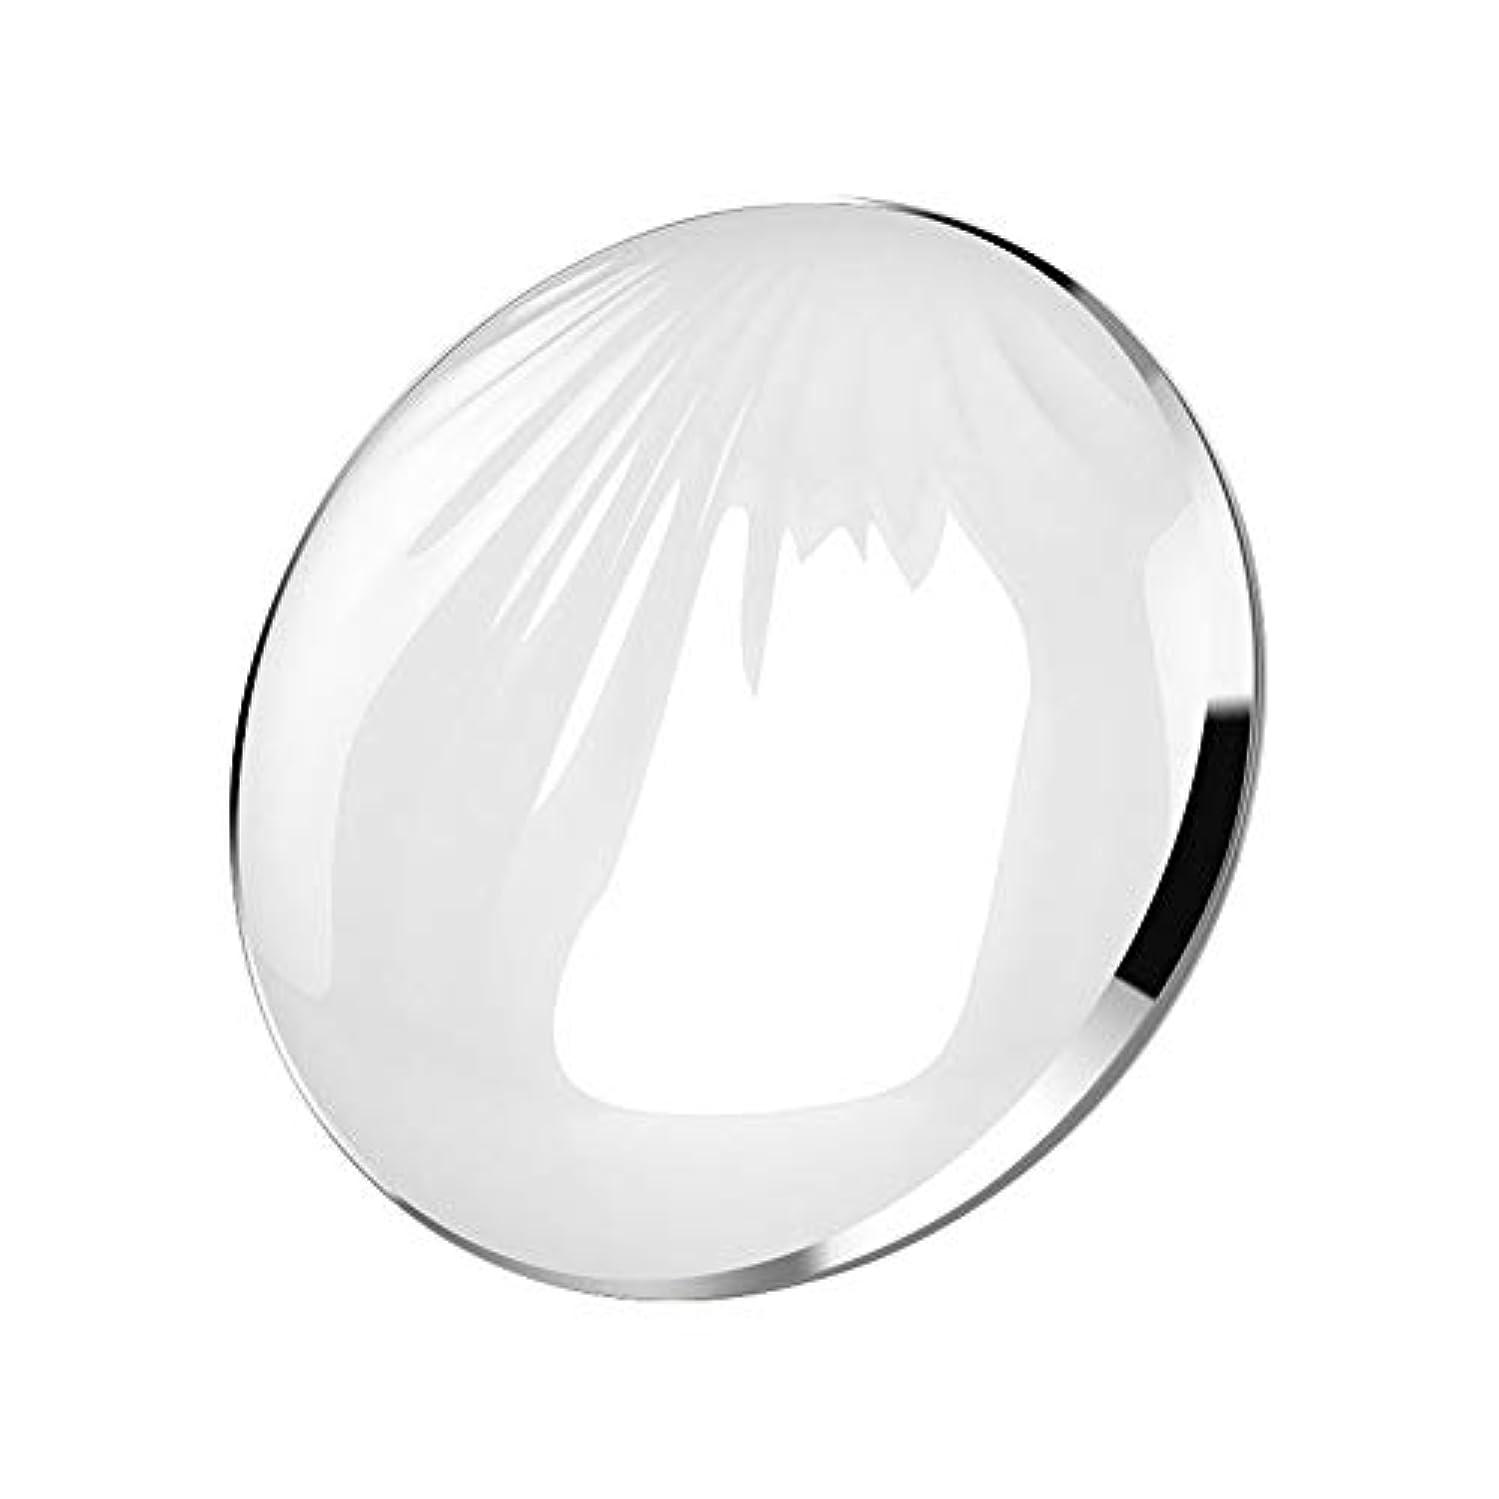 かみそり自然公園会計士流行の クリエイティブled化粧鏡シェルポータブル折りたたみ式フィルライトusbモバイル充電宝美容鏡化粧台ミラーピンクシルバーコールドライトウォームライトミックスライト (色 : Silver)